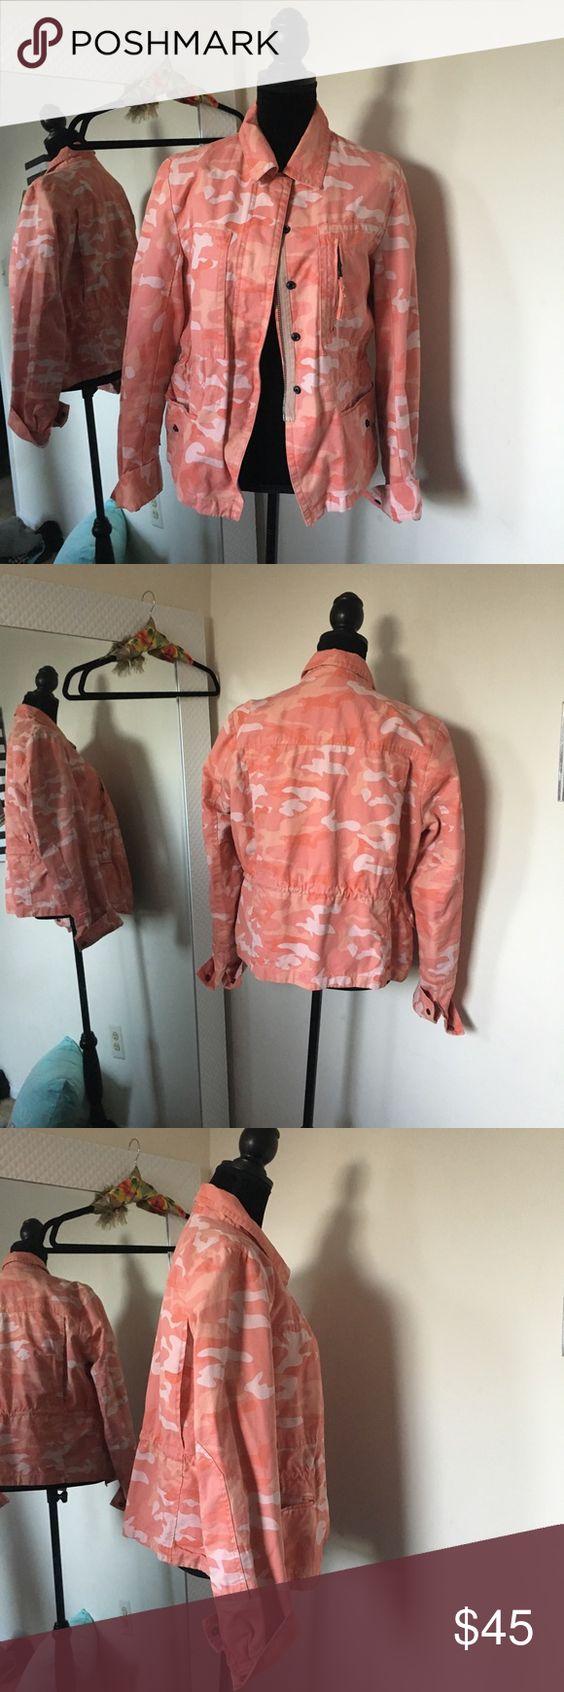 Gap jean jacket size L In great condition GAP Jackets & Coats Jean Jackets